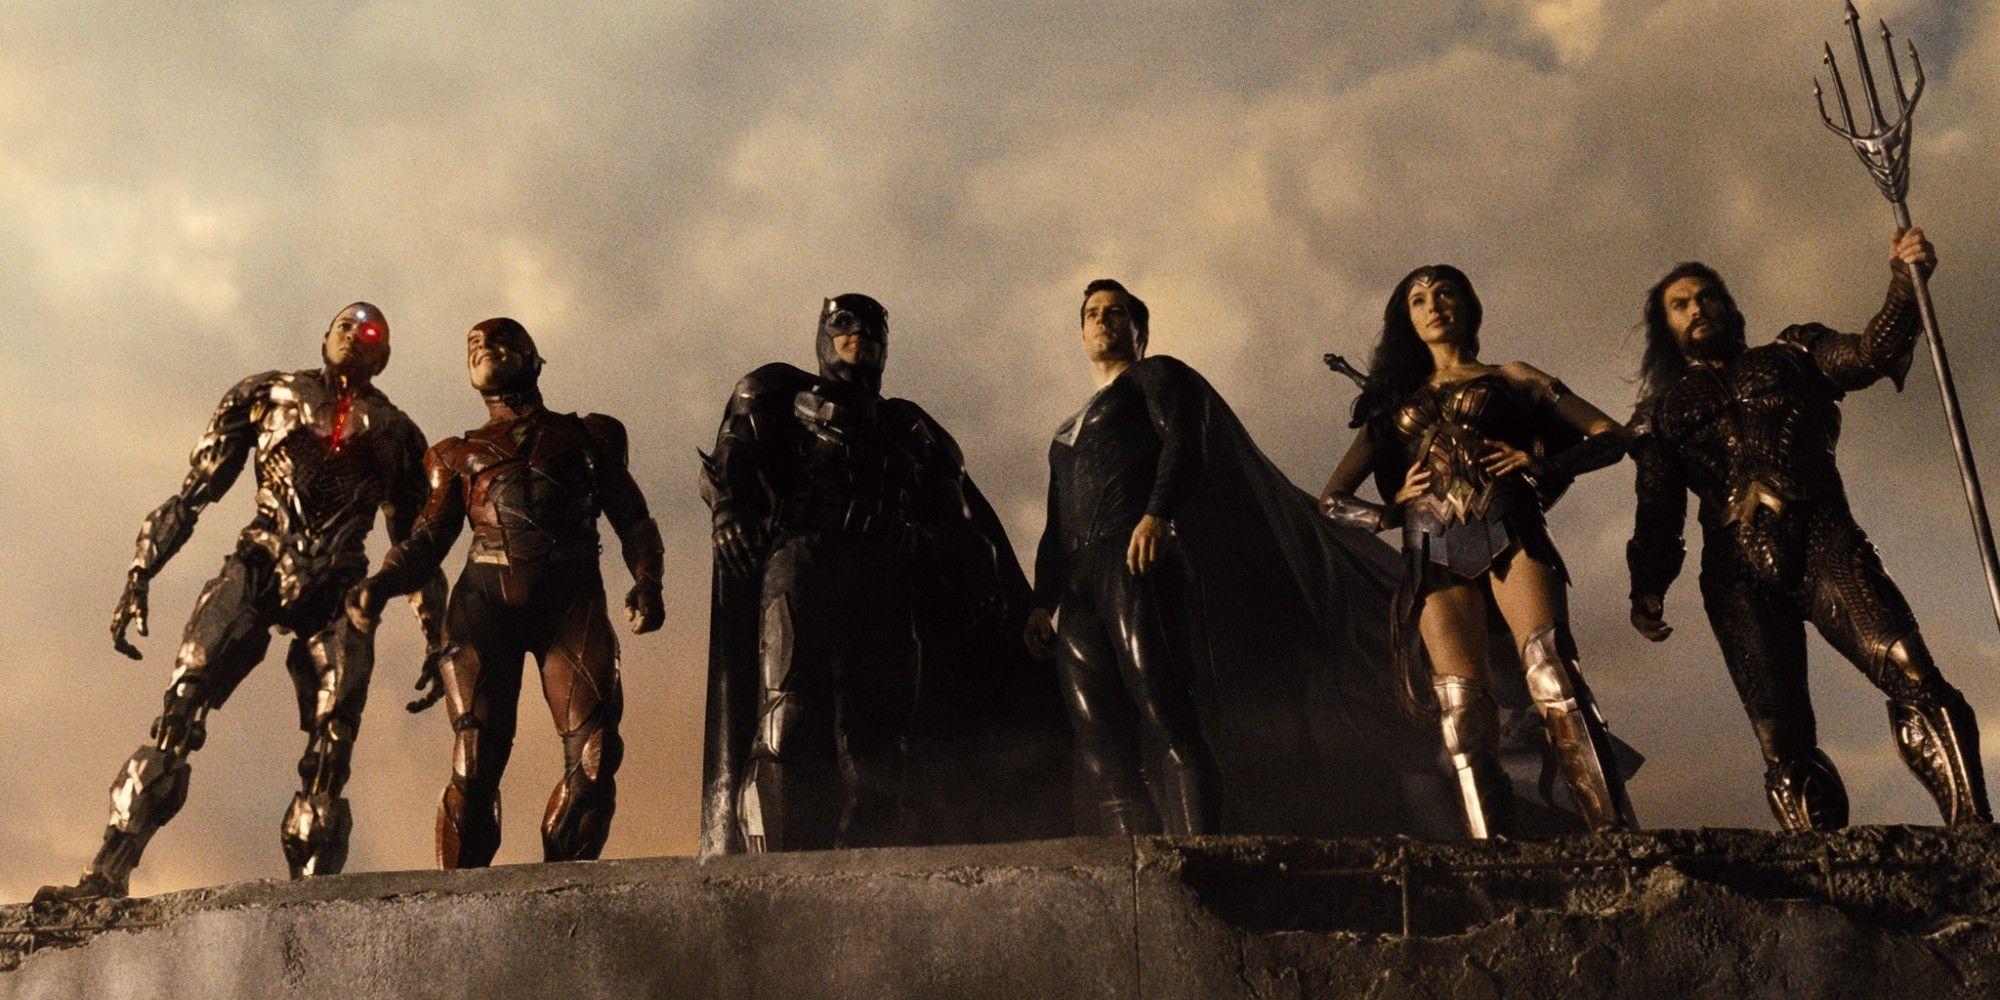 SnyderCut é a redenção de Zack Snyder com a Liga da Justiça